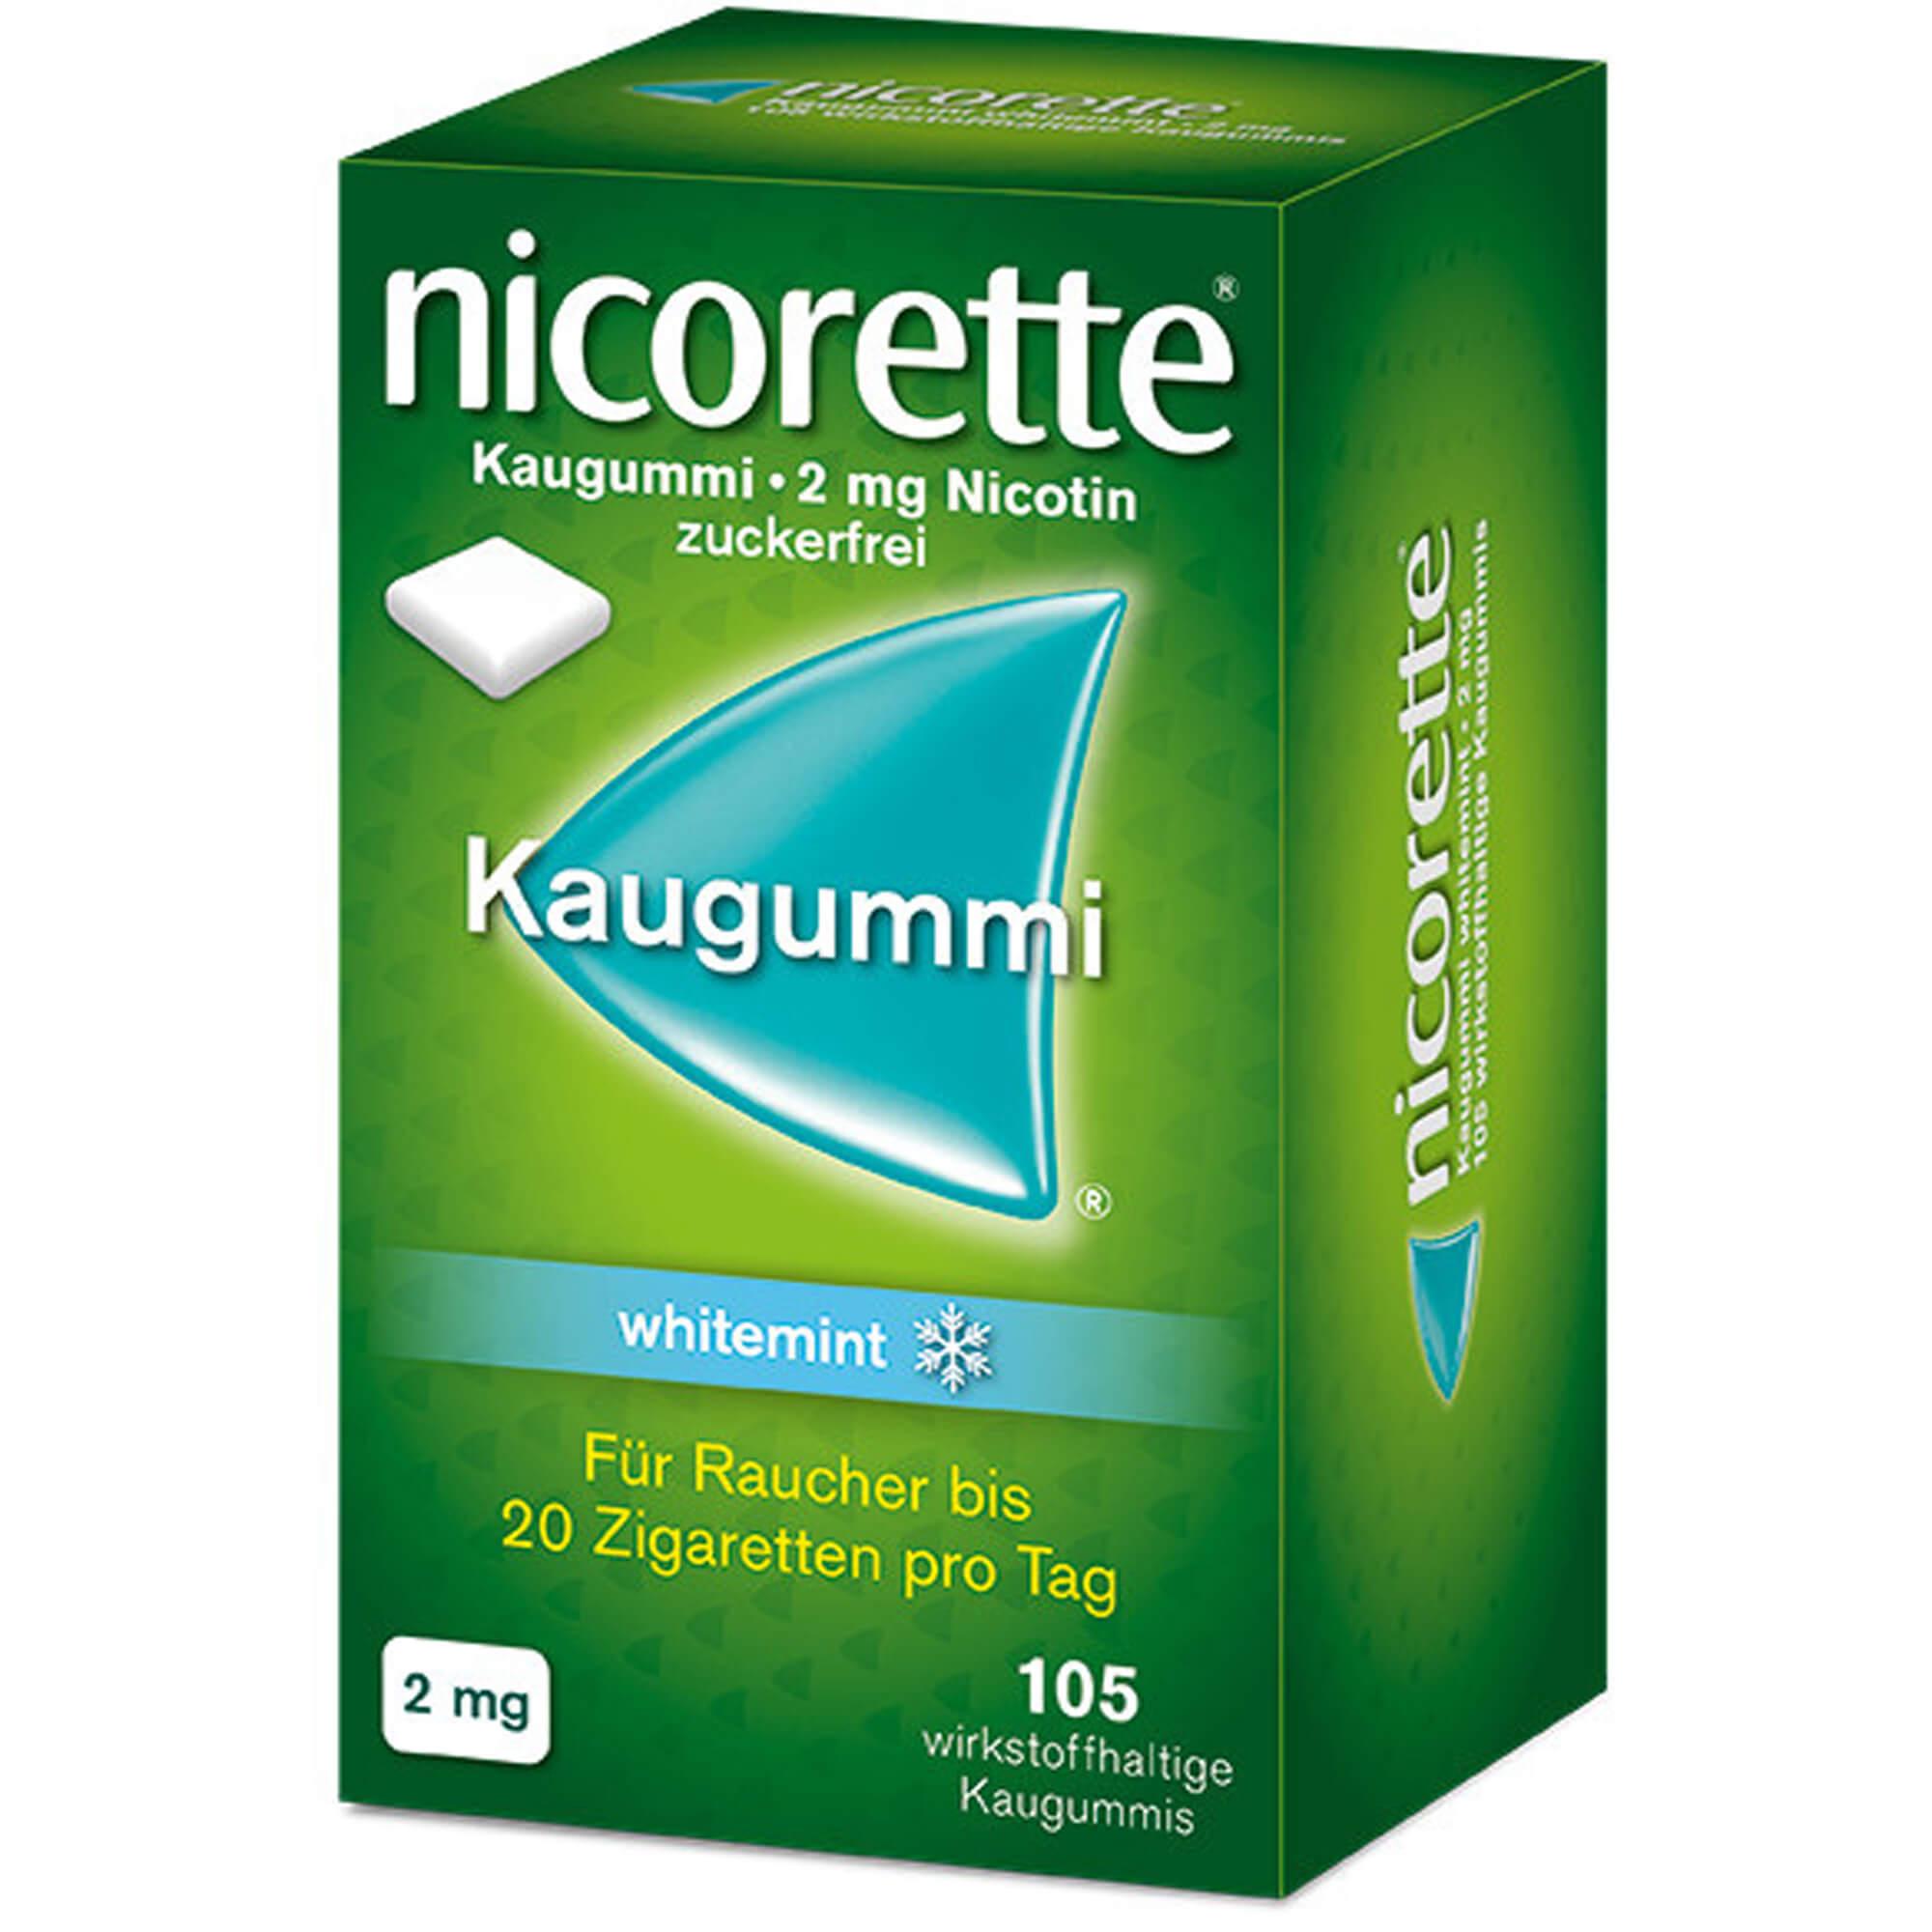 NICORETTE Kaugummi 2 mg whitemint